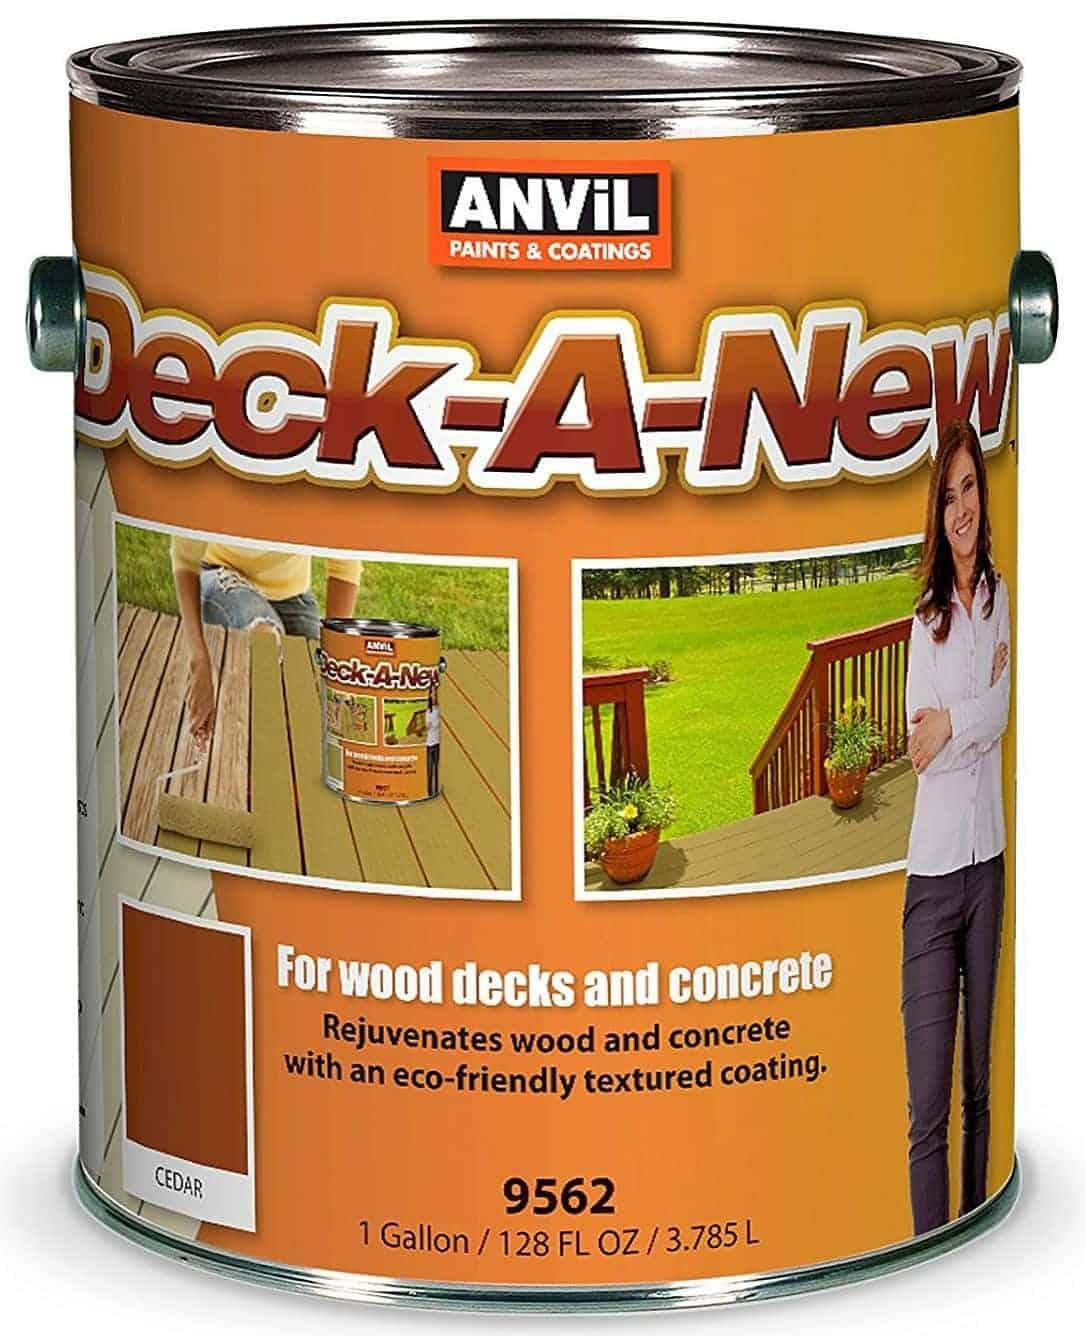 Anvil Deck-A-New Rejuvenates Wood & Concrete Decks Premium Textured Resufacer